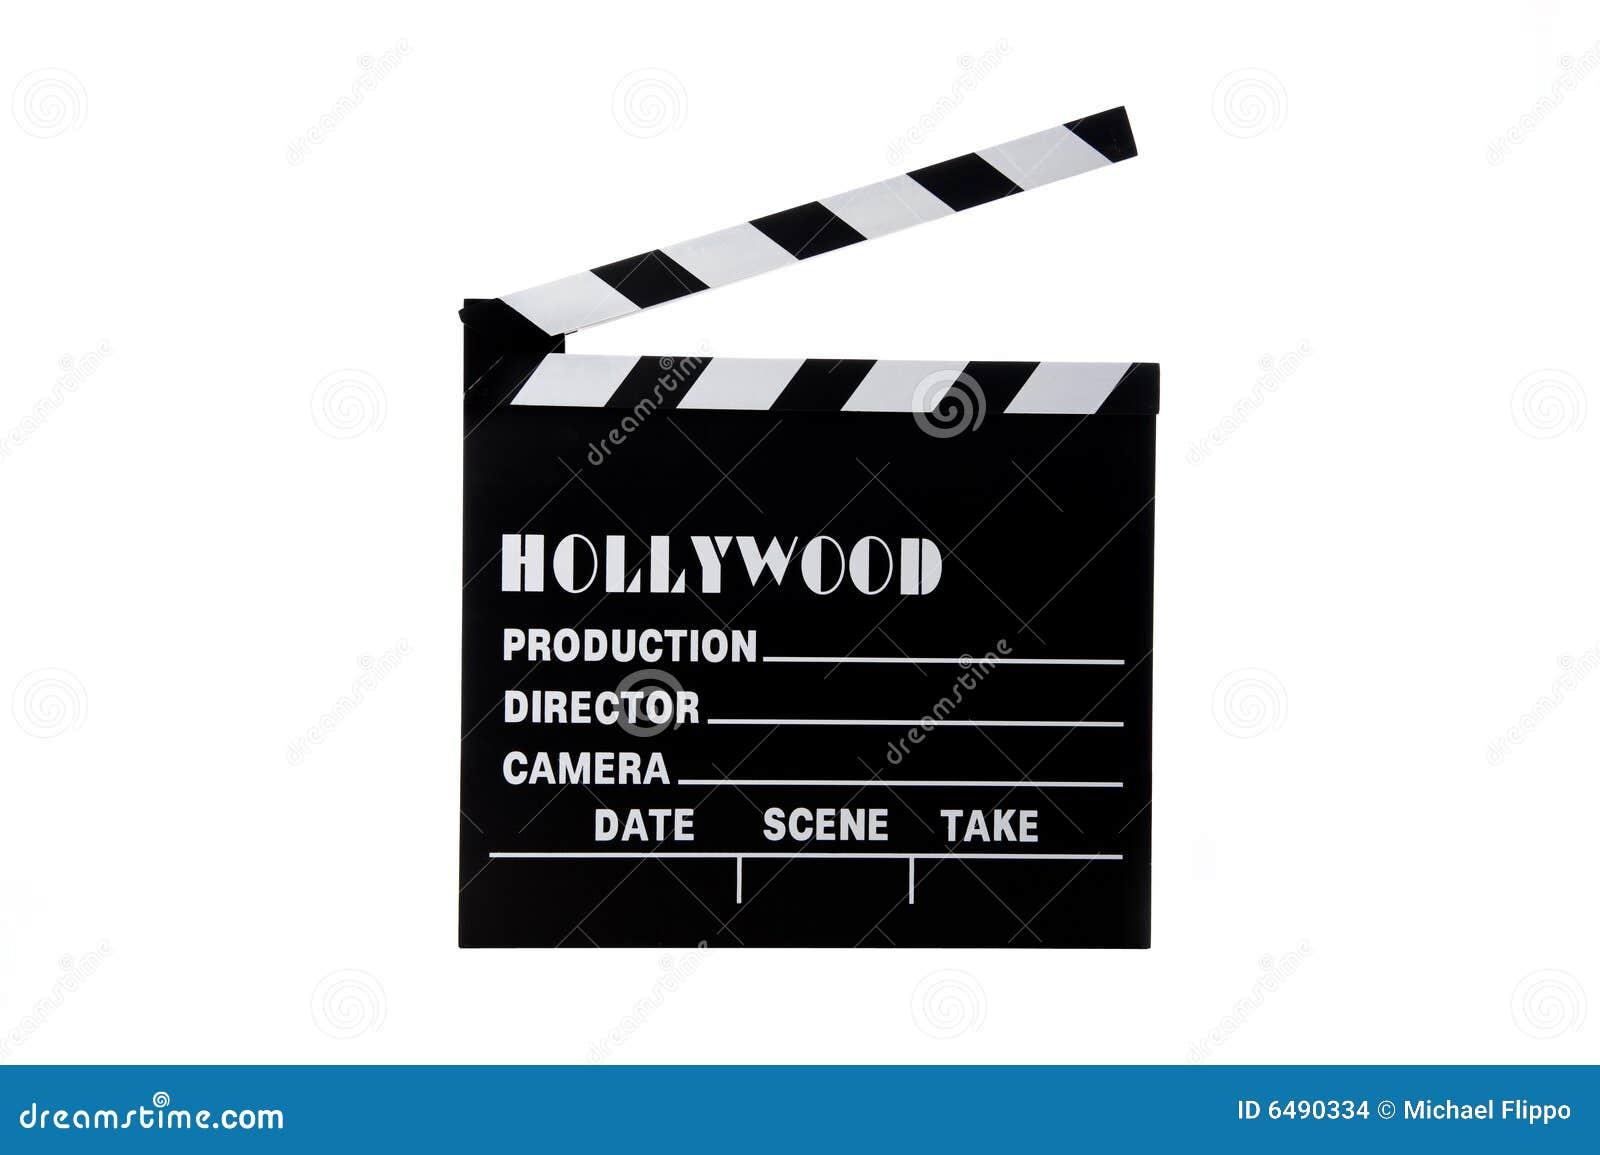 Clapboardhollywood film